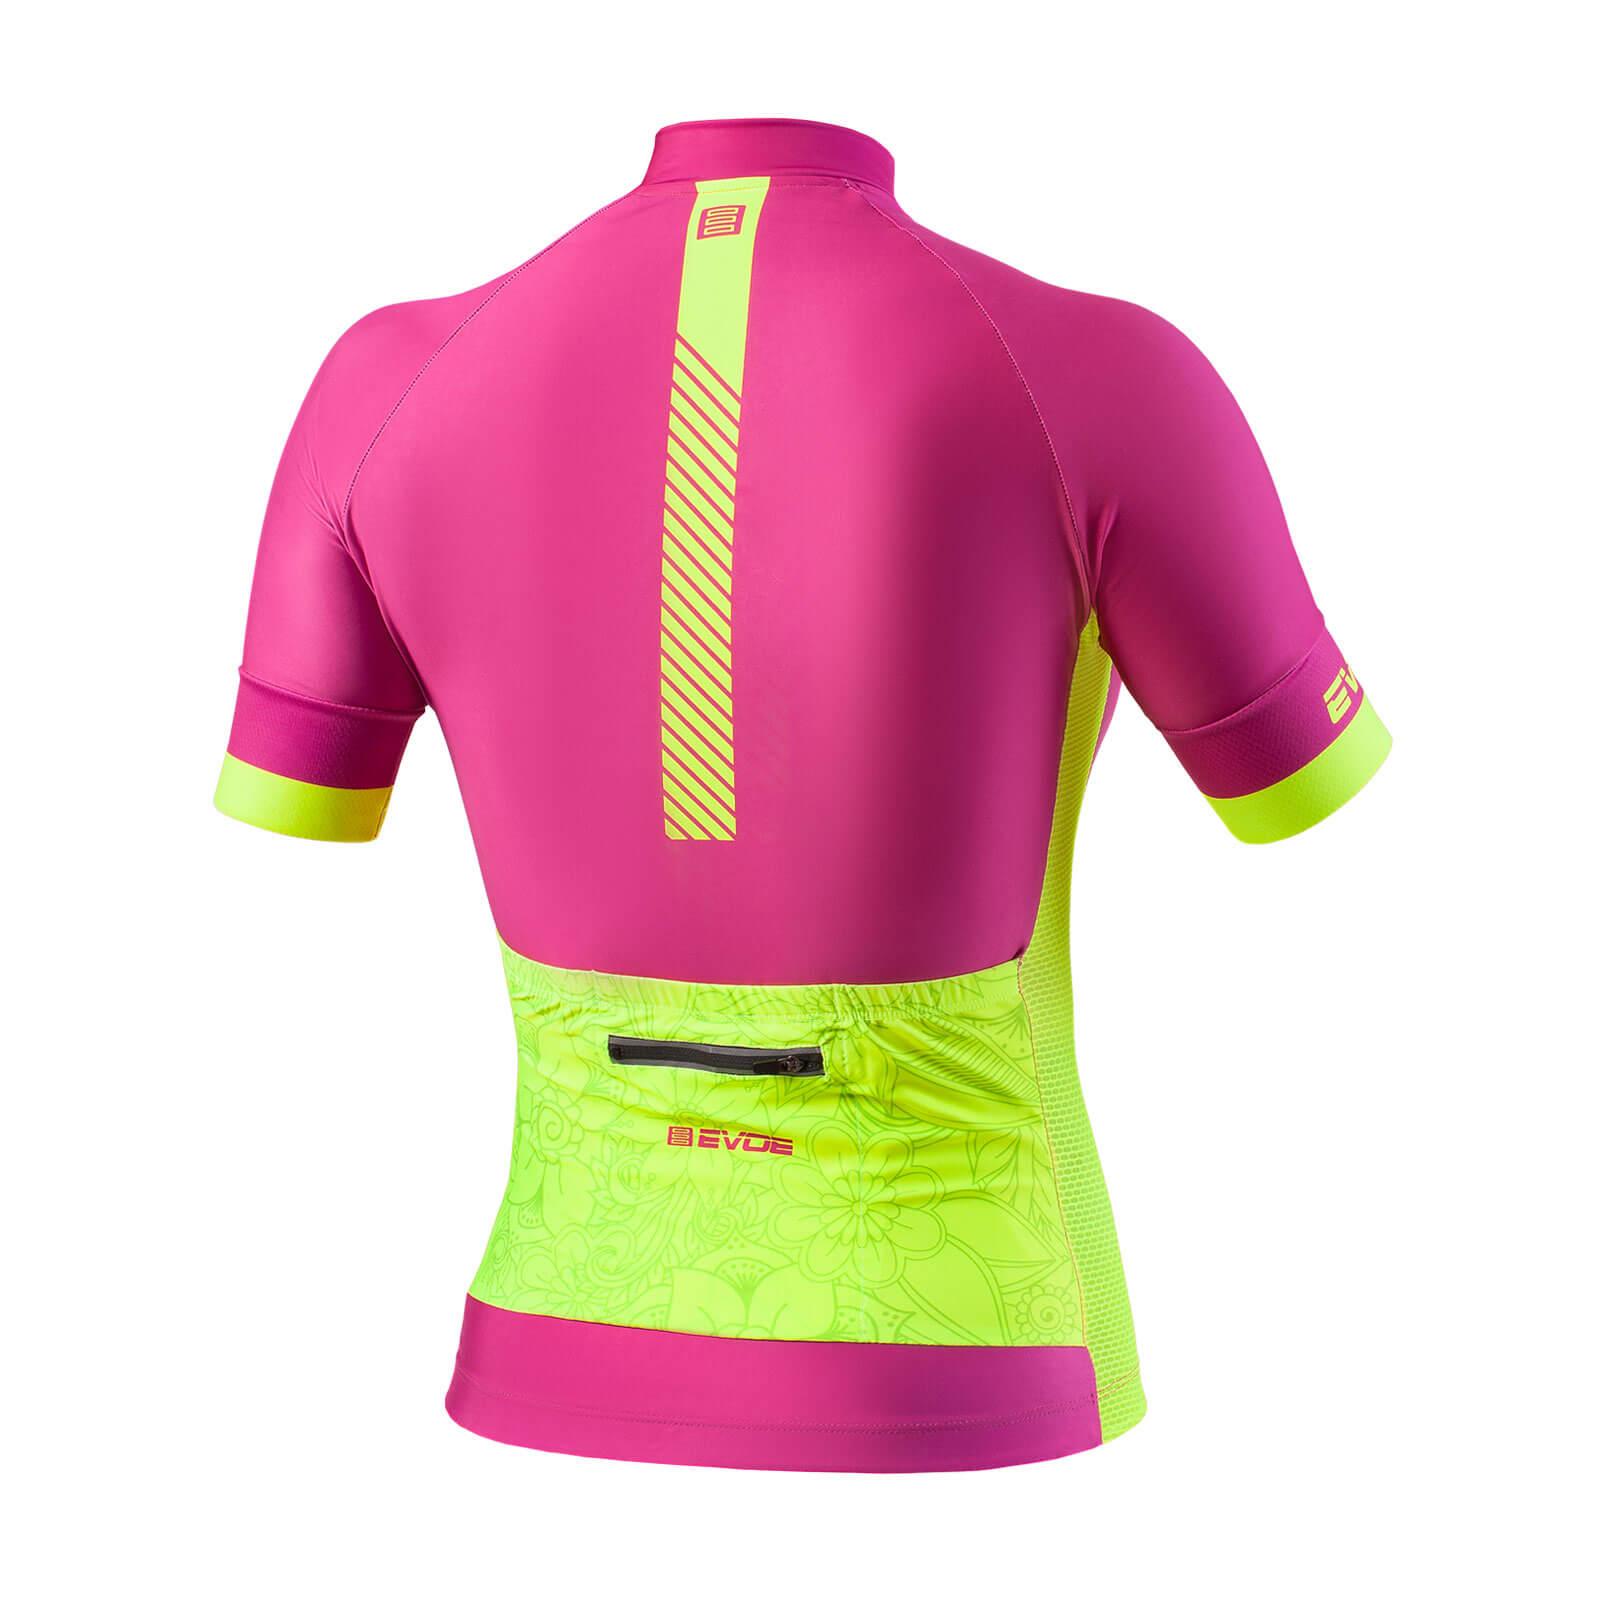 Camisa Evoe feminina na cor Rosa/Neon